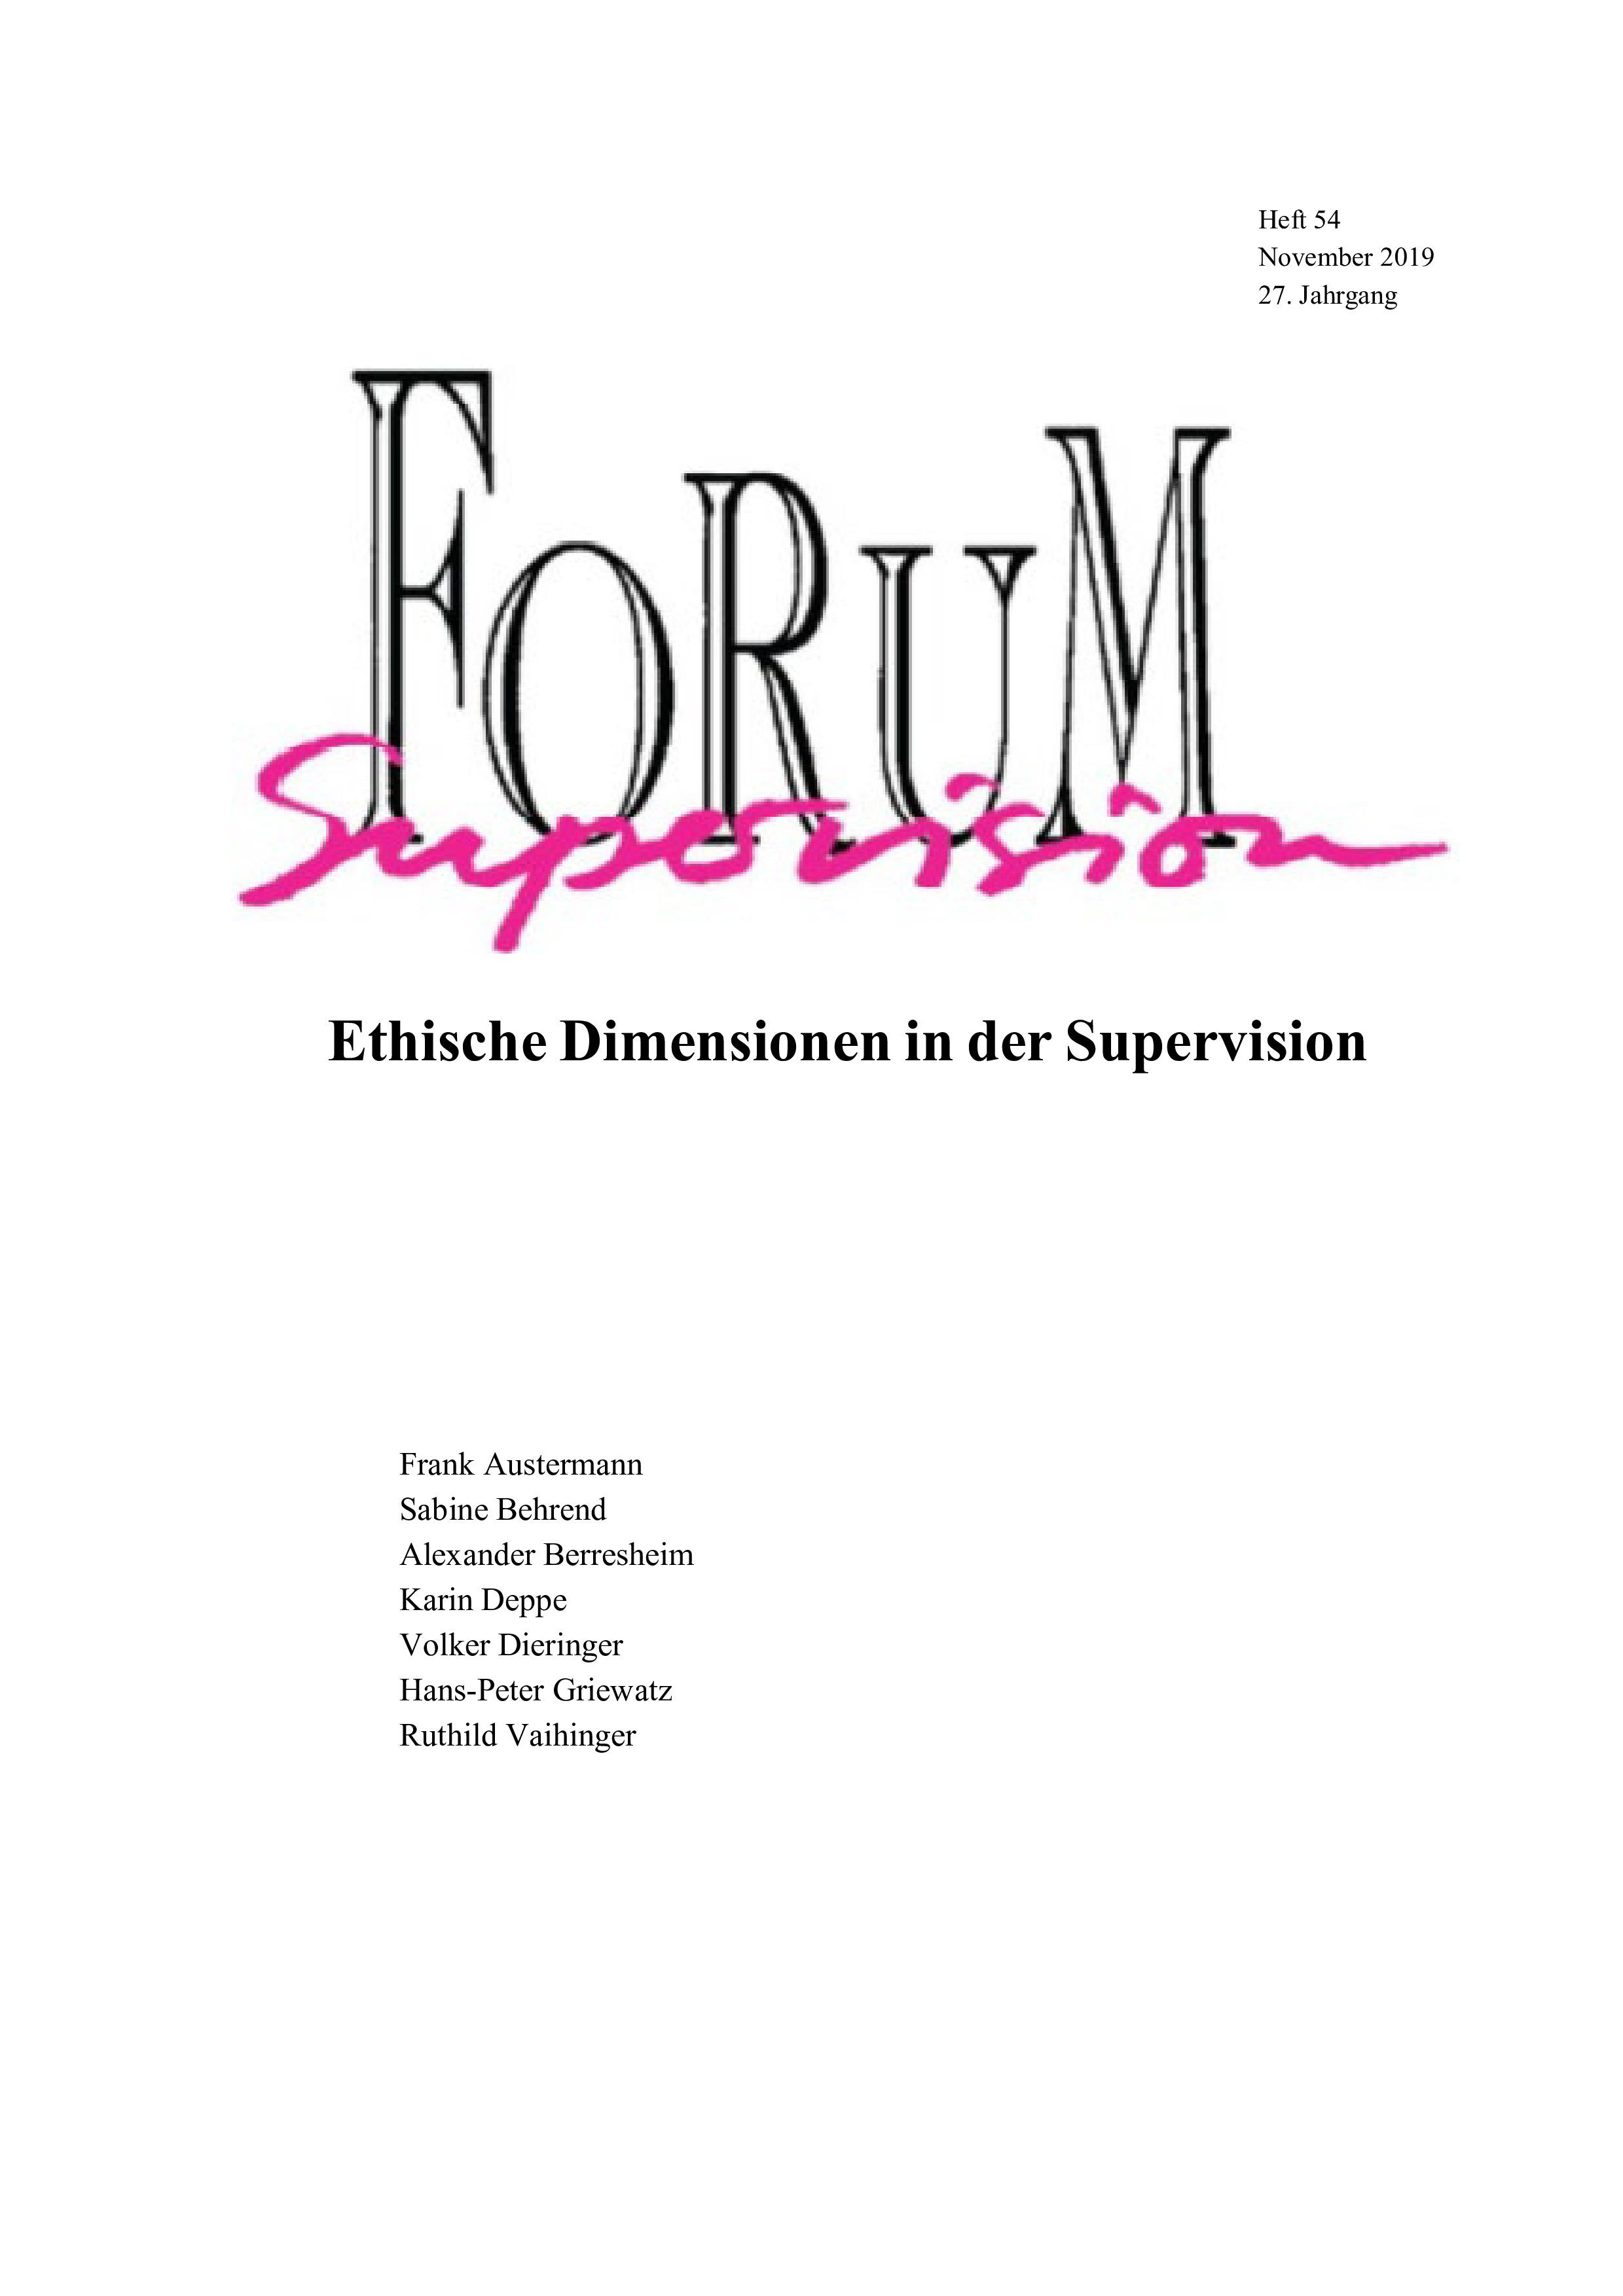 Ansehen 2019: Heft 54 - Ethische Dimensionen in der Supervision